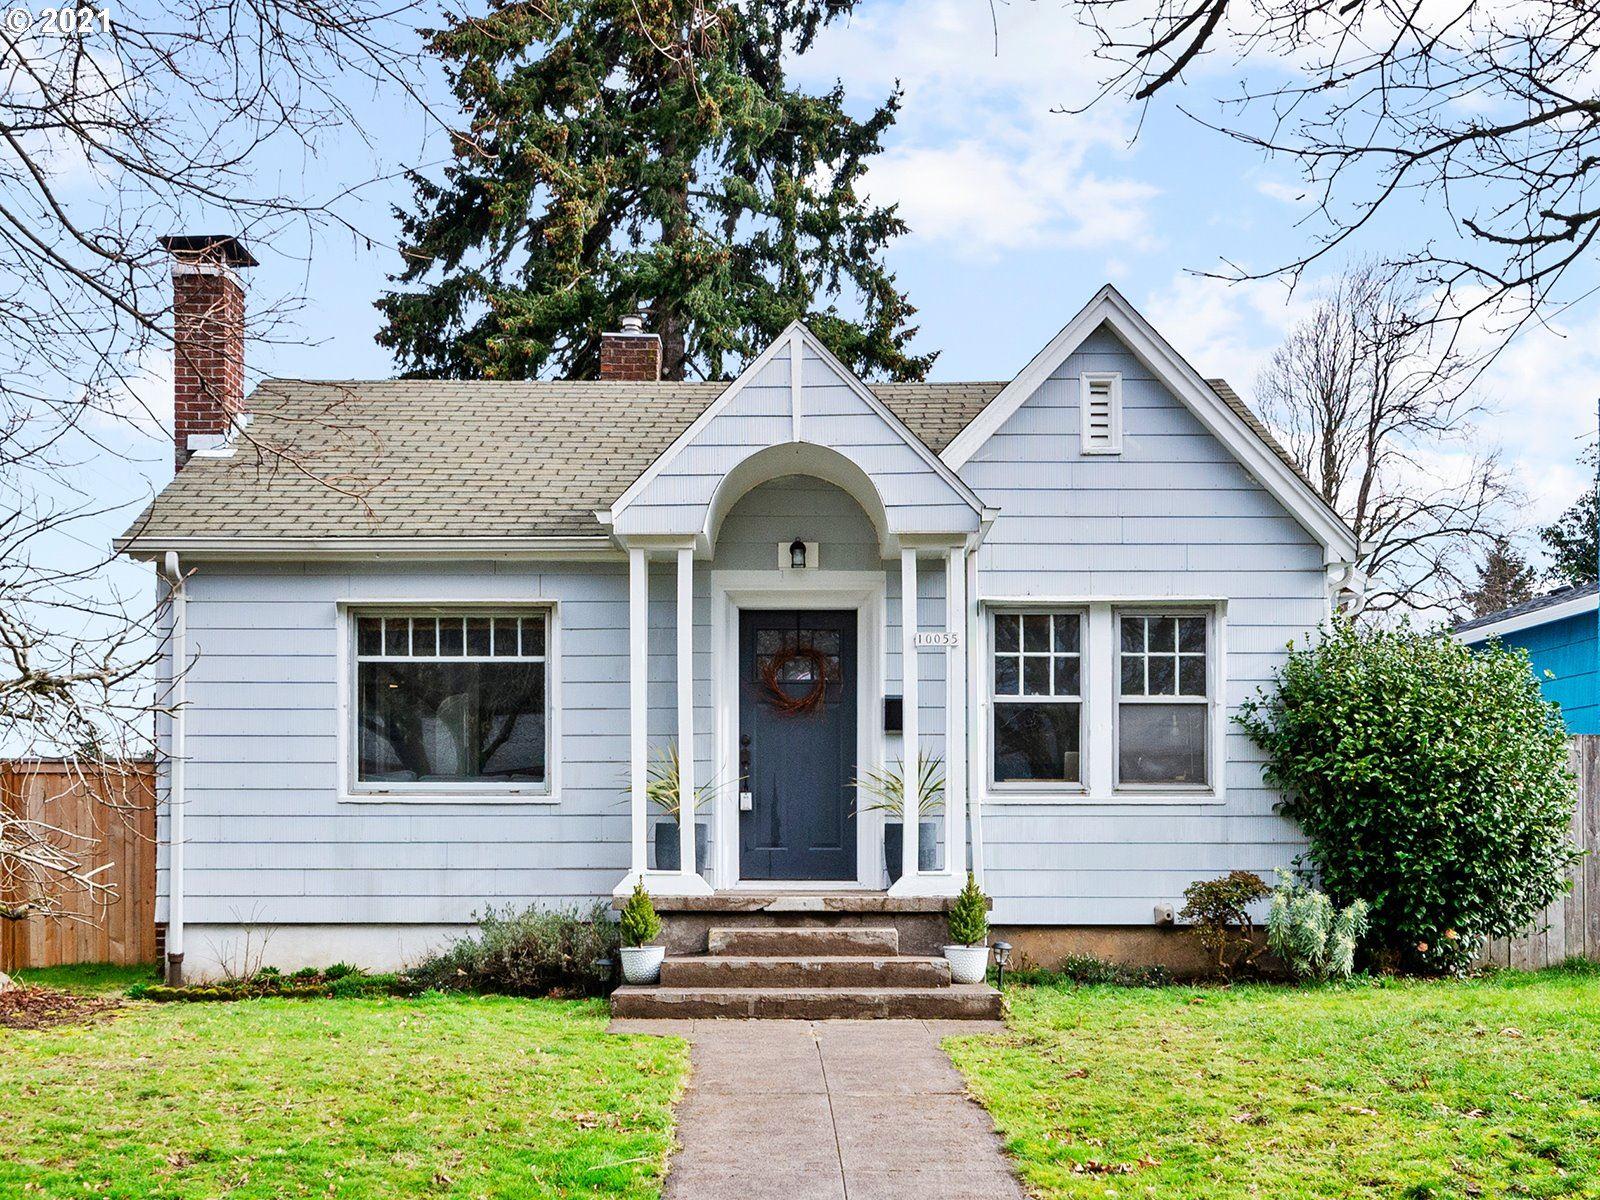 10055 N WILLAMETTE BLVD, Portland, OR 97203 - MLS#: 21026369